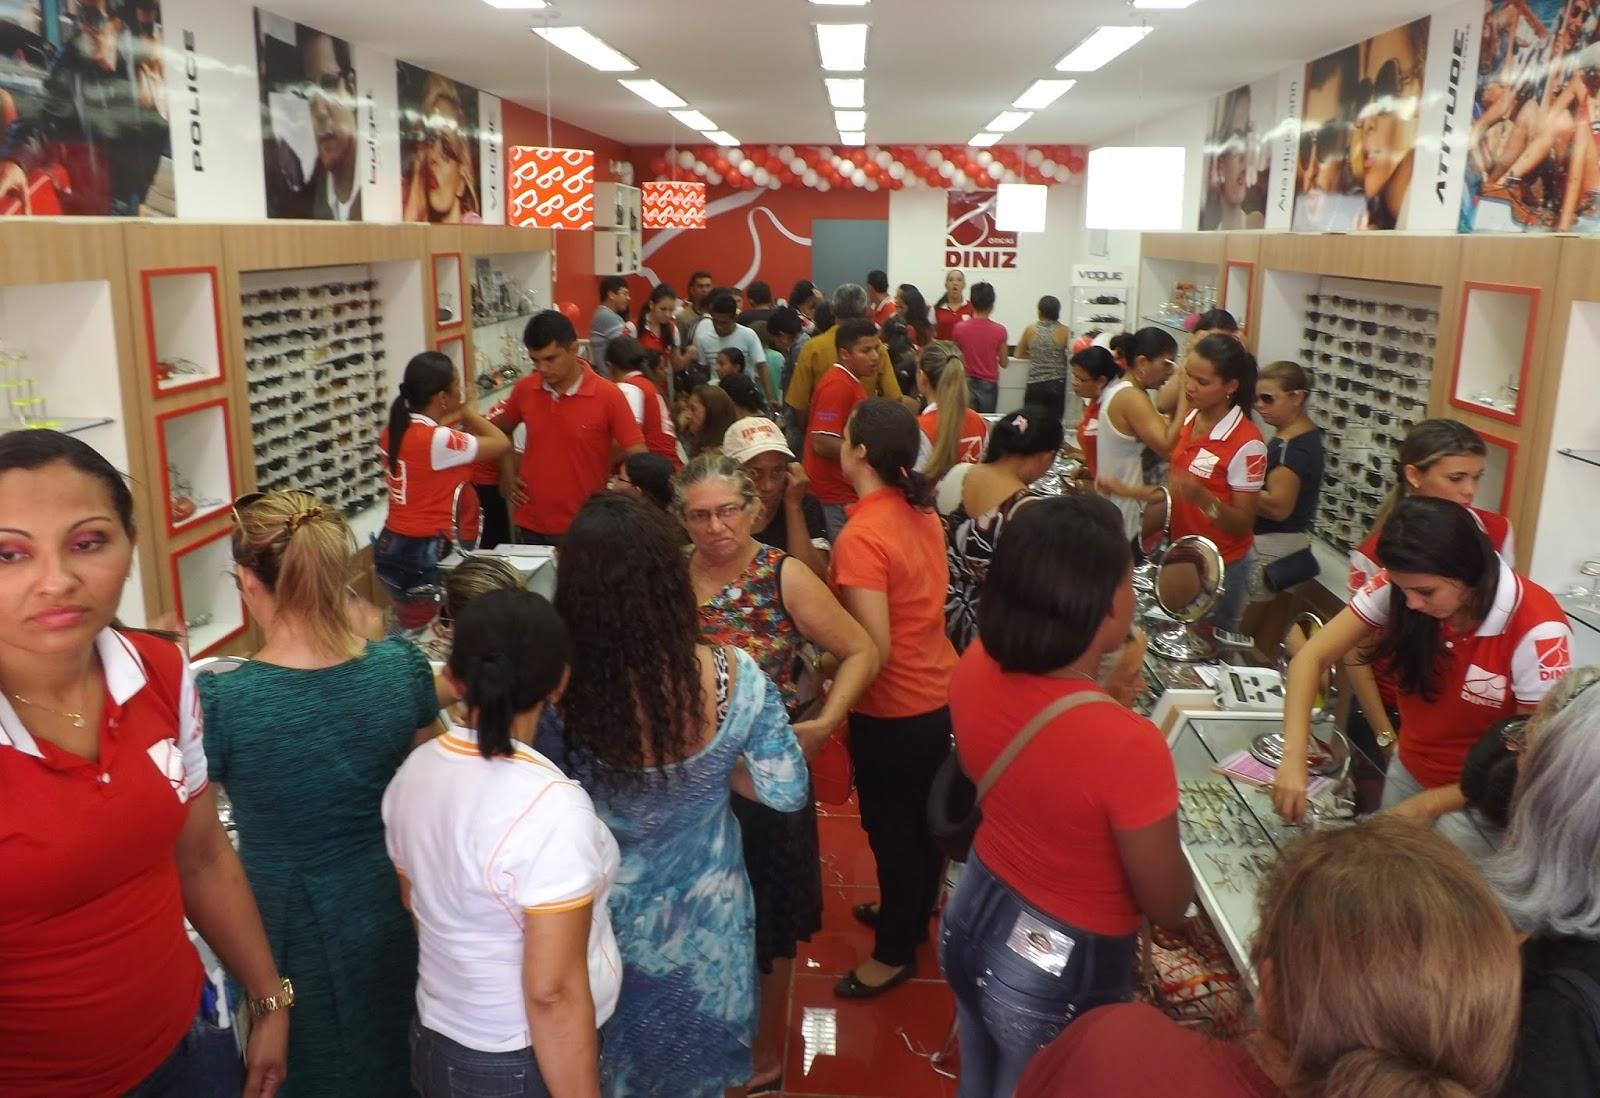 Nas duas fotos  acima e ao lado, o movimento das pessoas dentro da loja. 8e66798465